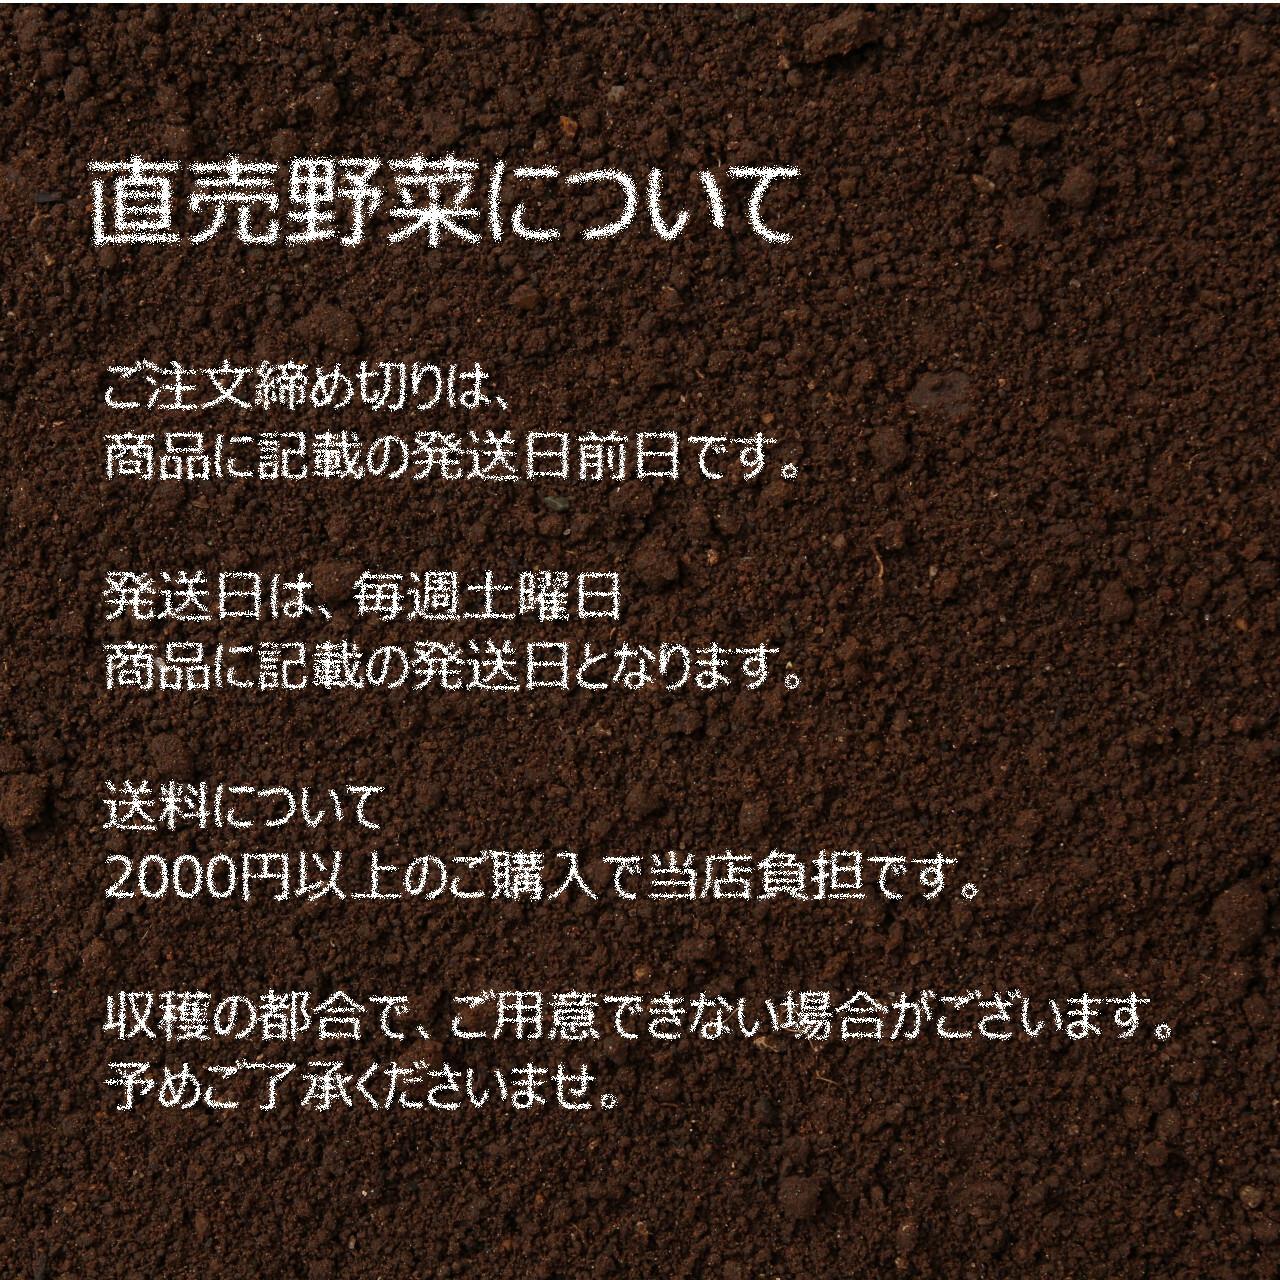 新鮮な秋野菜 : ピーマン 約400g 11月の朝採り直売野菜 11月7日発送予定